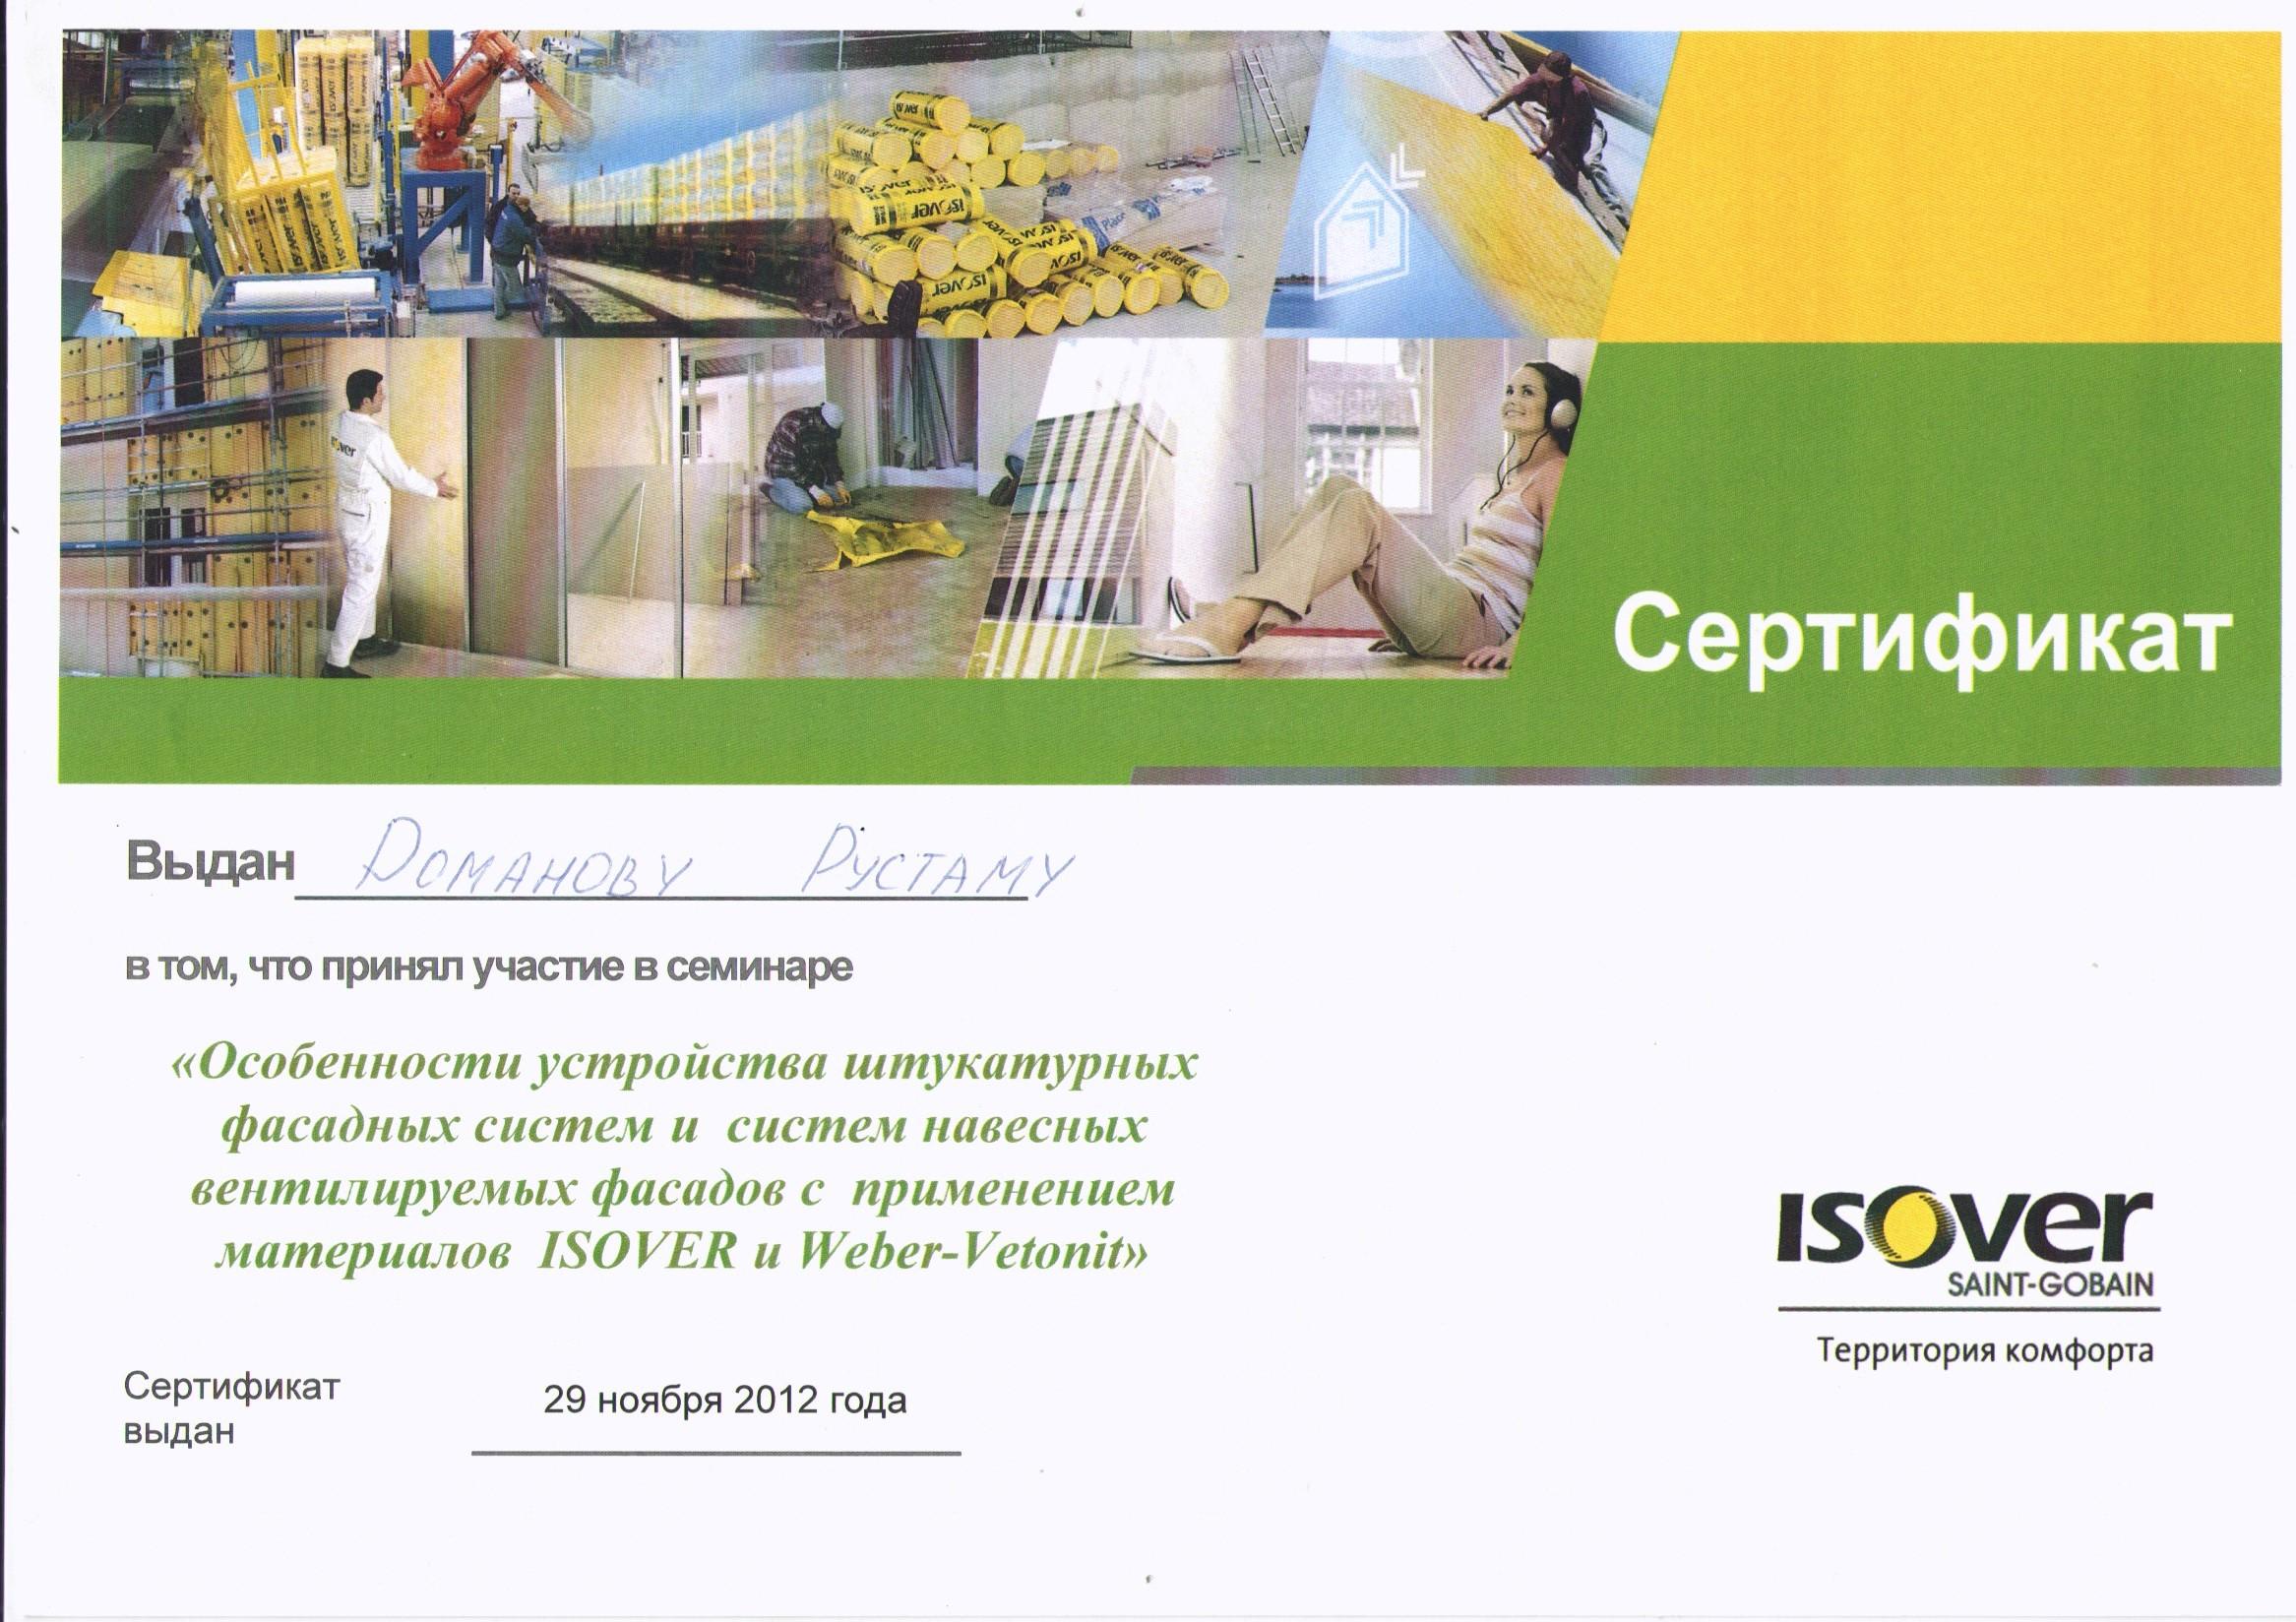 Сертификат ISOVER